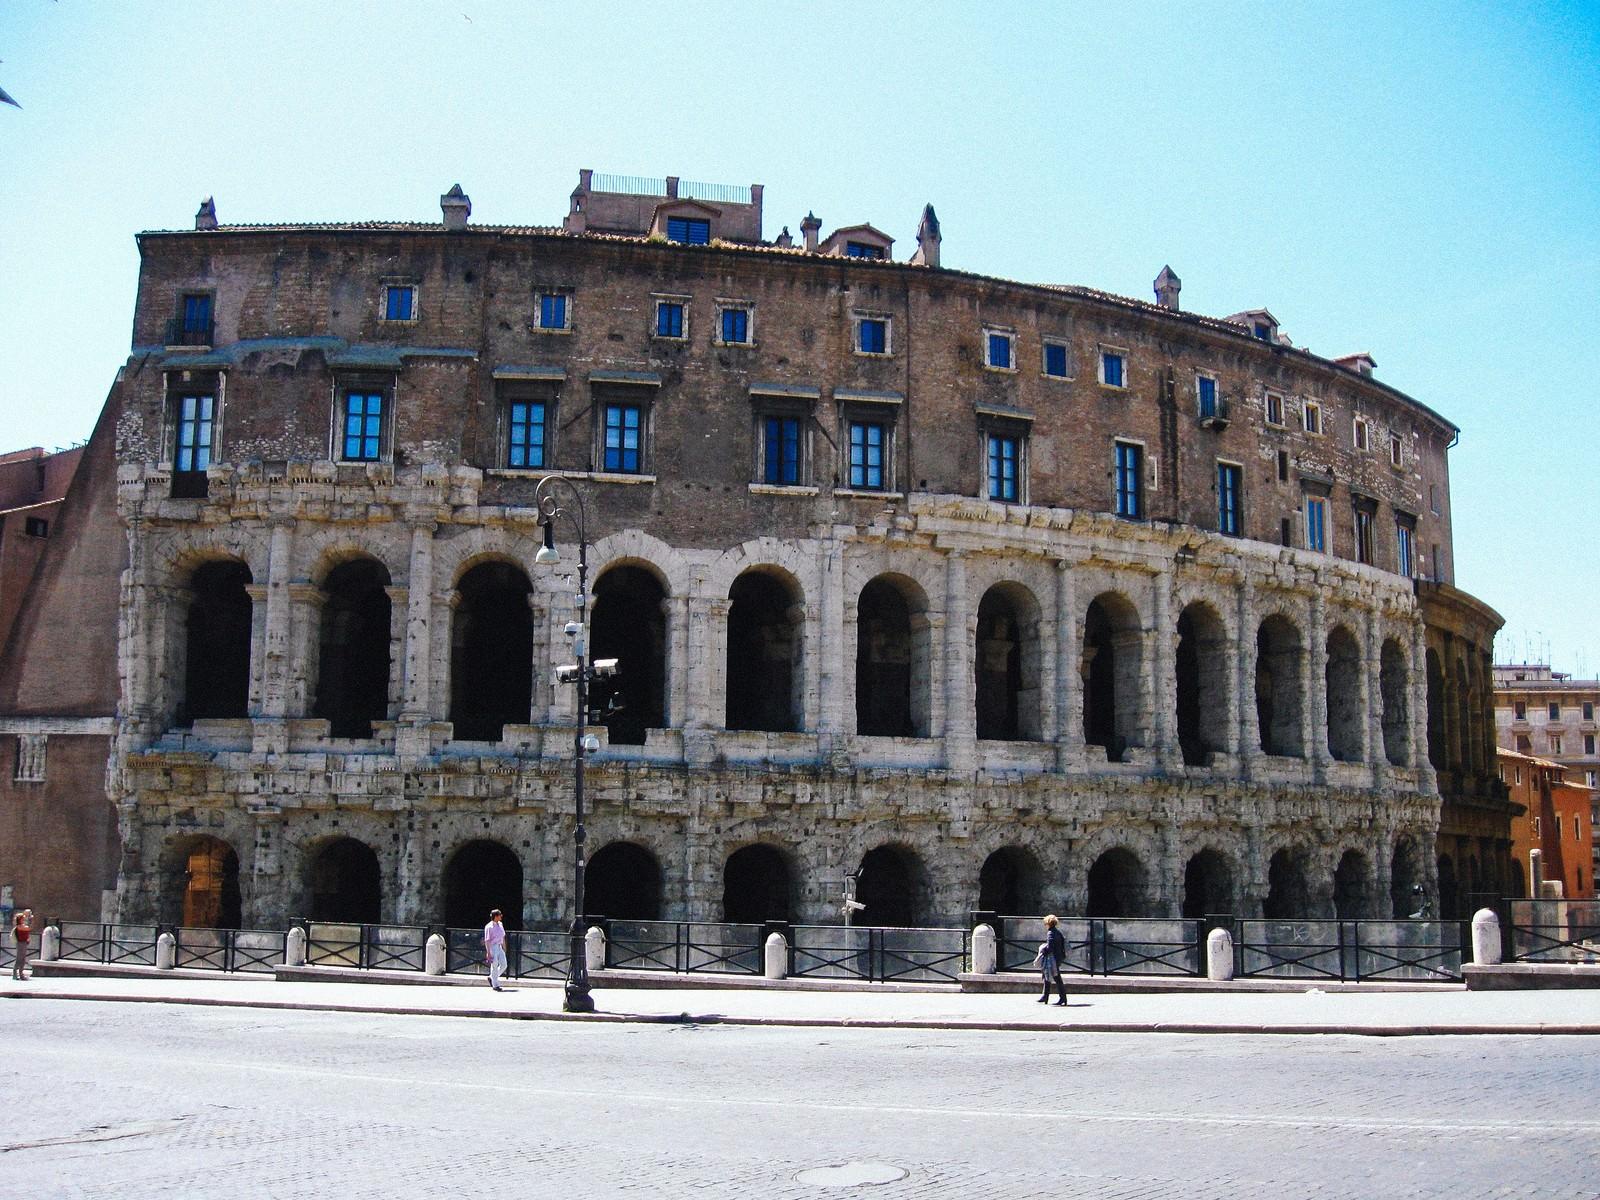 「ローマにあるマルチェッロ劇場(イタリア)」の写真